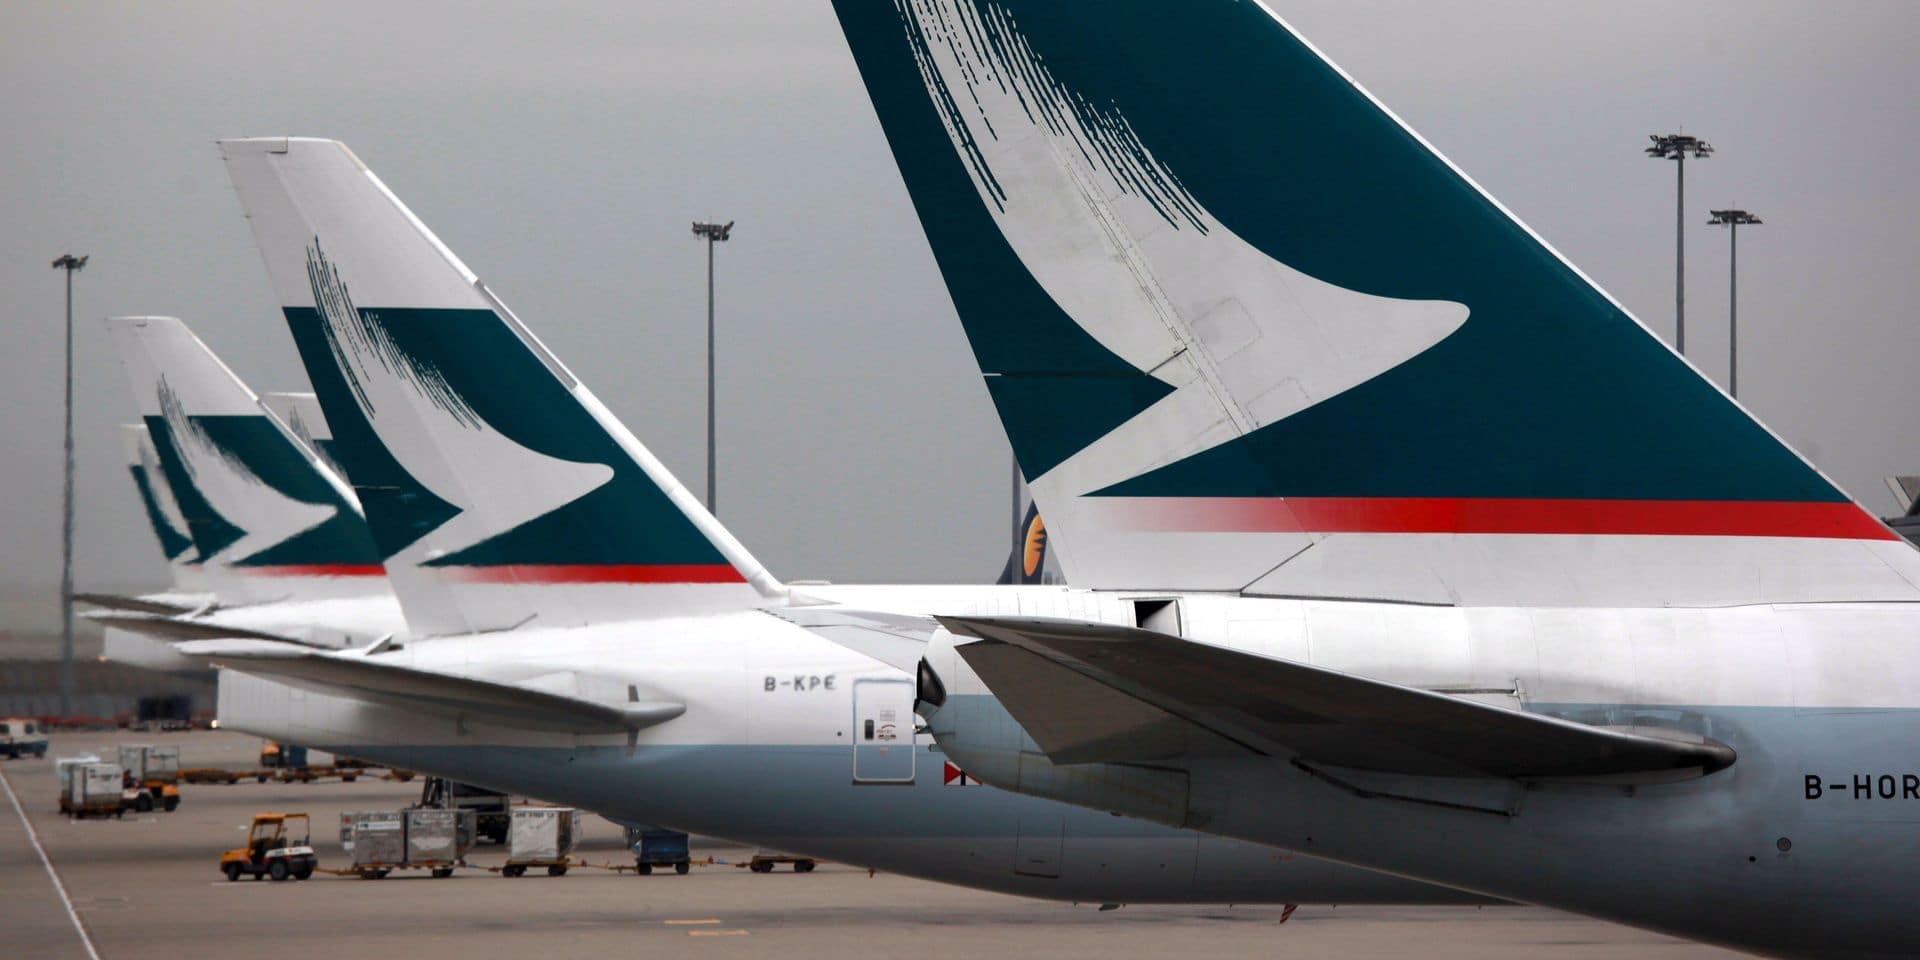 Tensions à Hong Kong: le directeur général de Cathay Pacific, Rupert Hogg, a démissionné